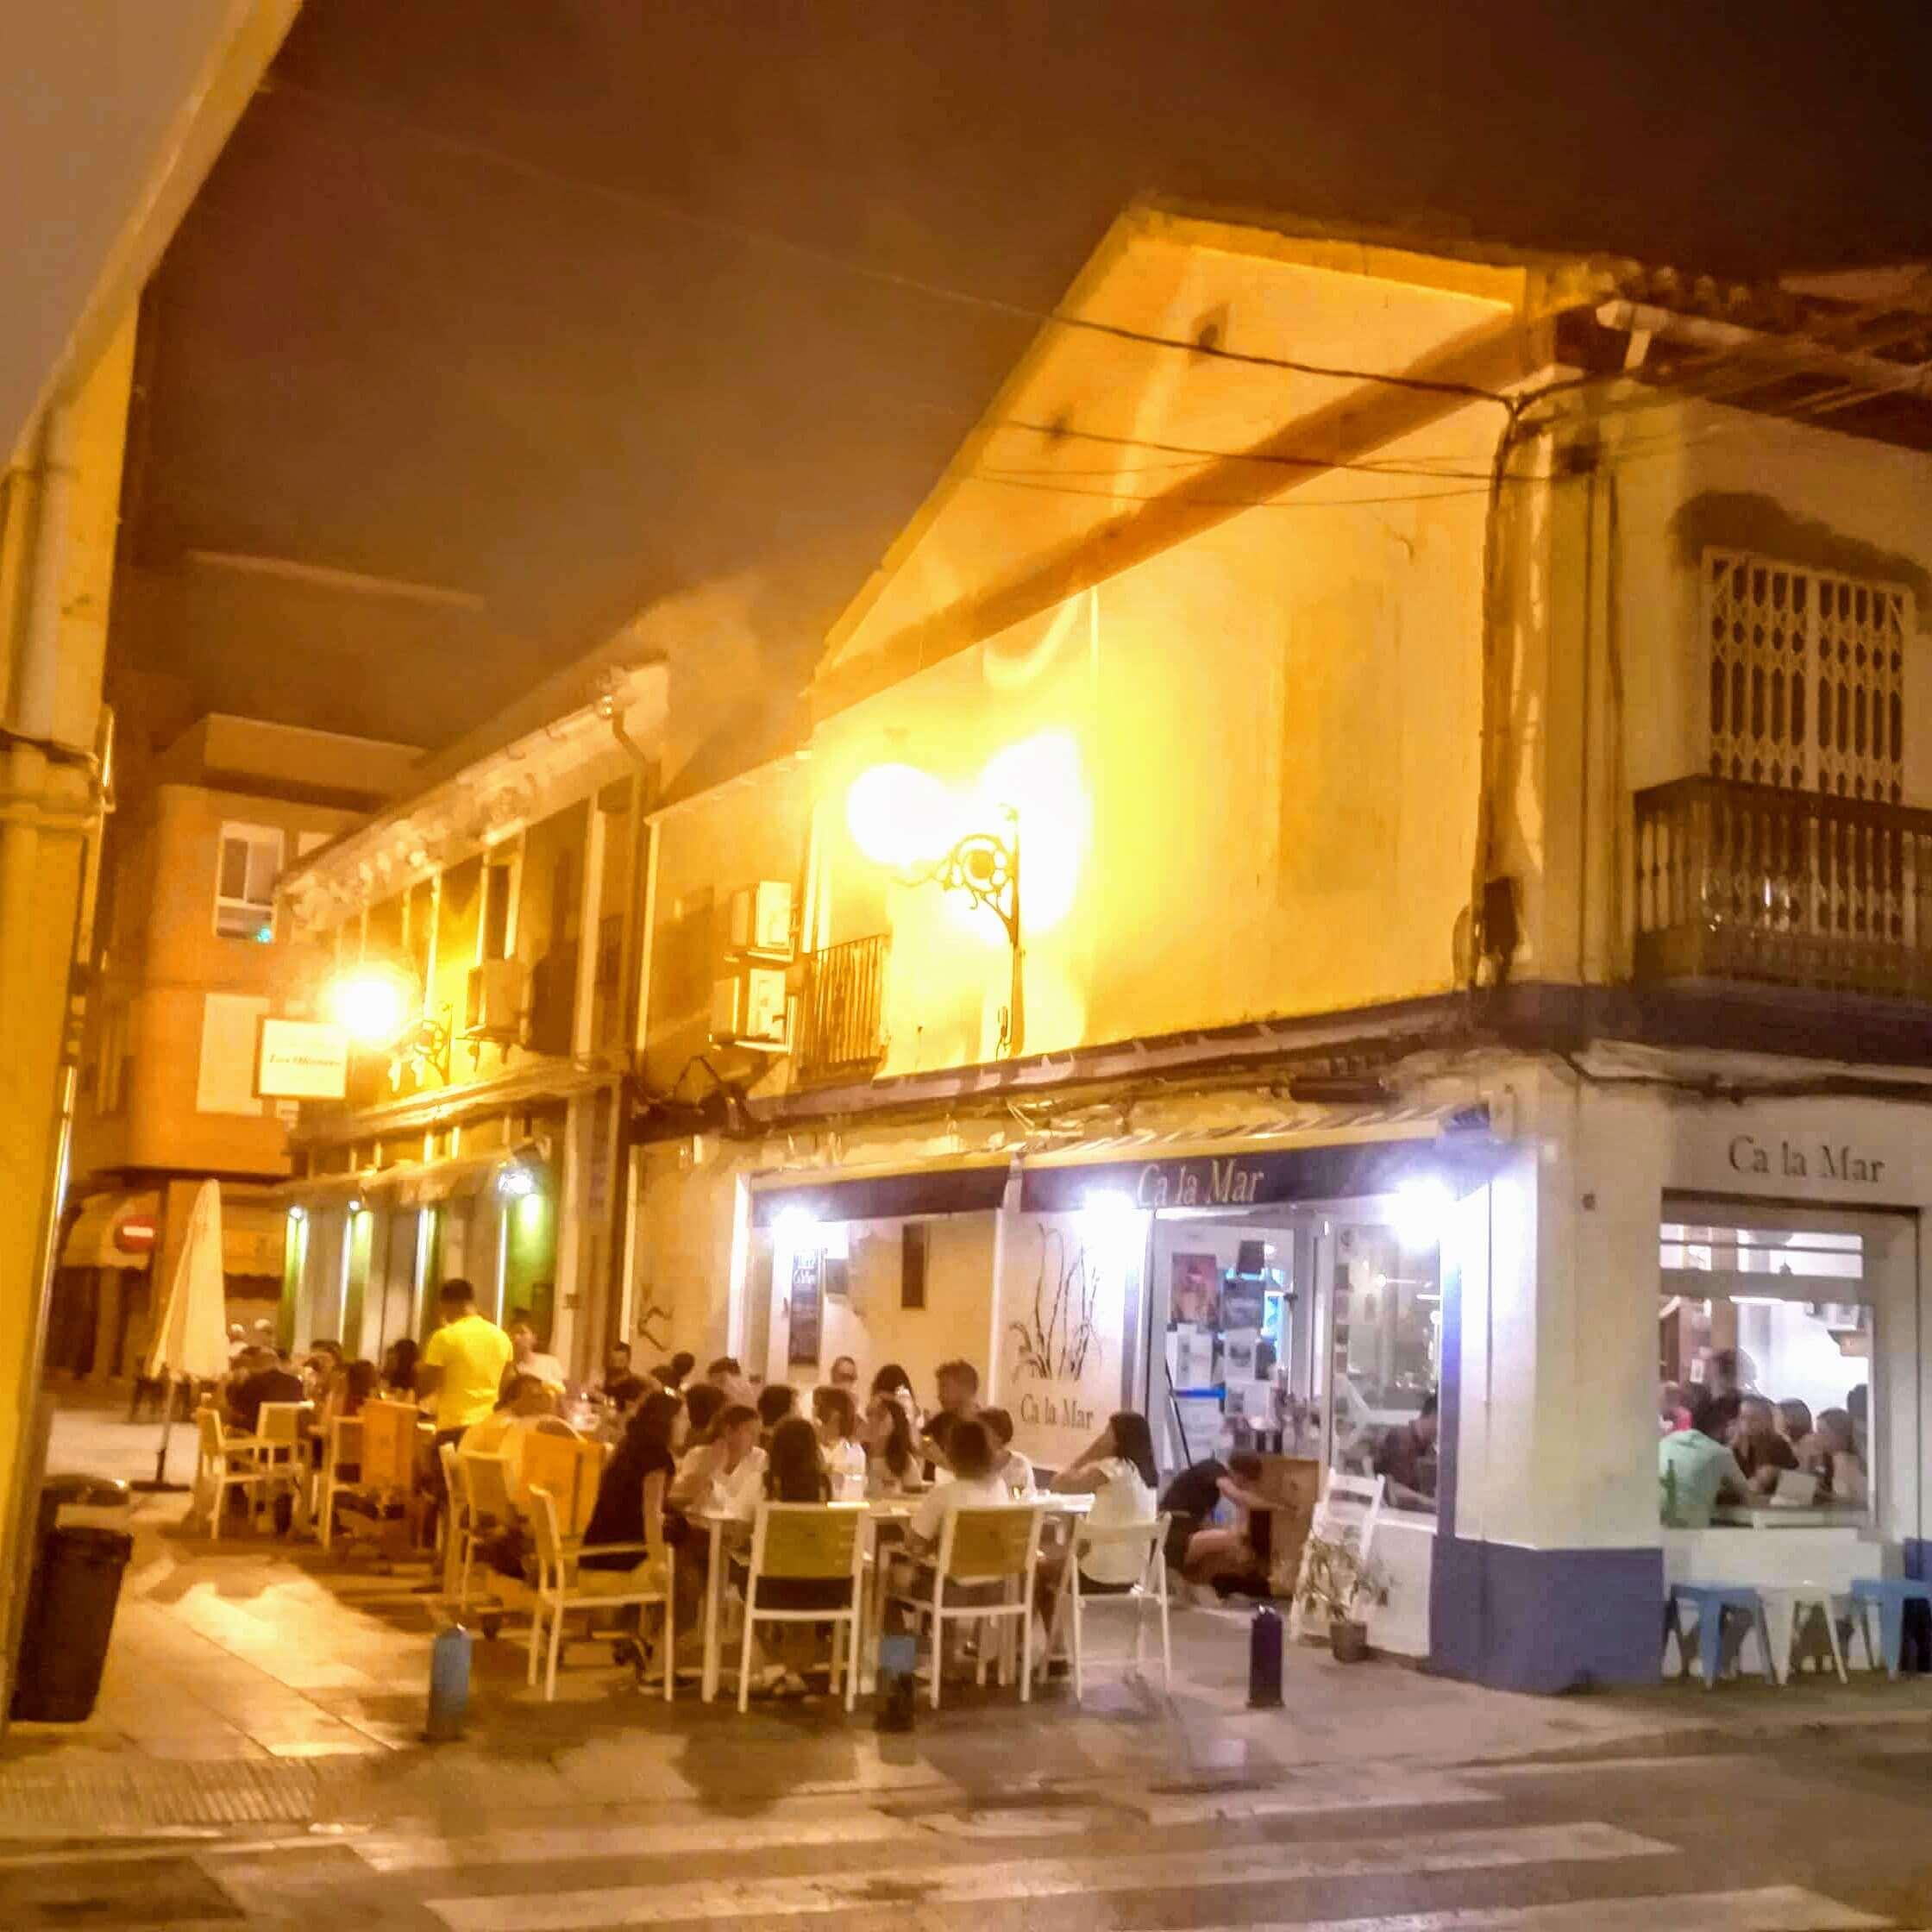 Cabanyal a la fresca_Pobladosdelamar. City Tour Valencia